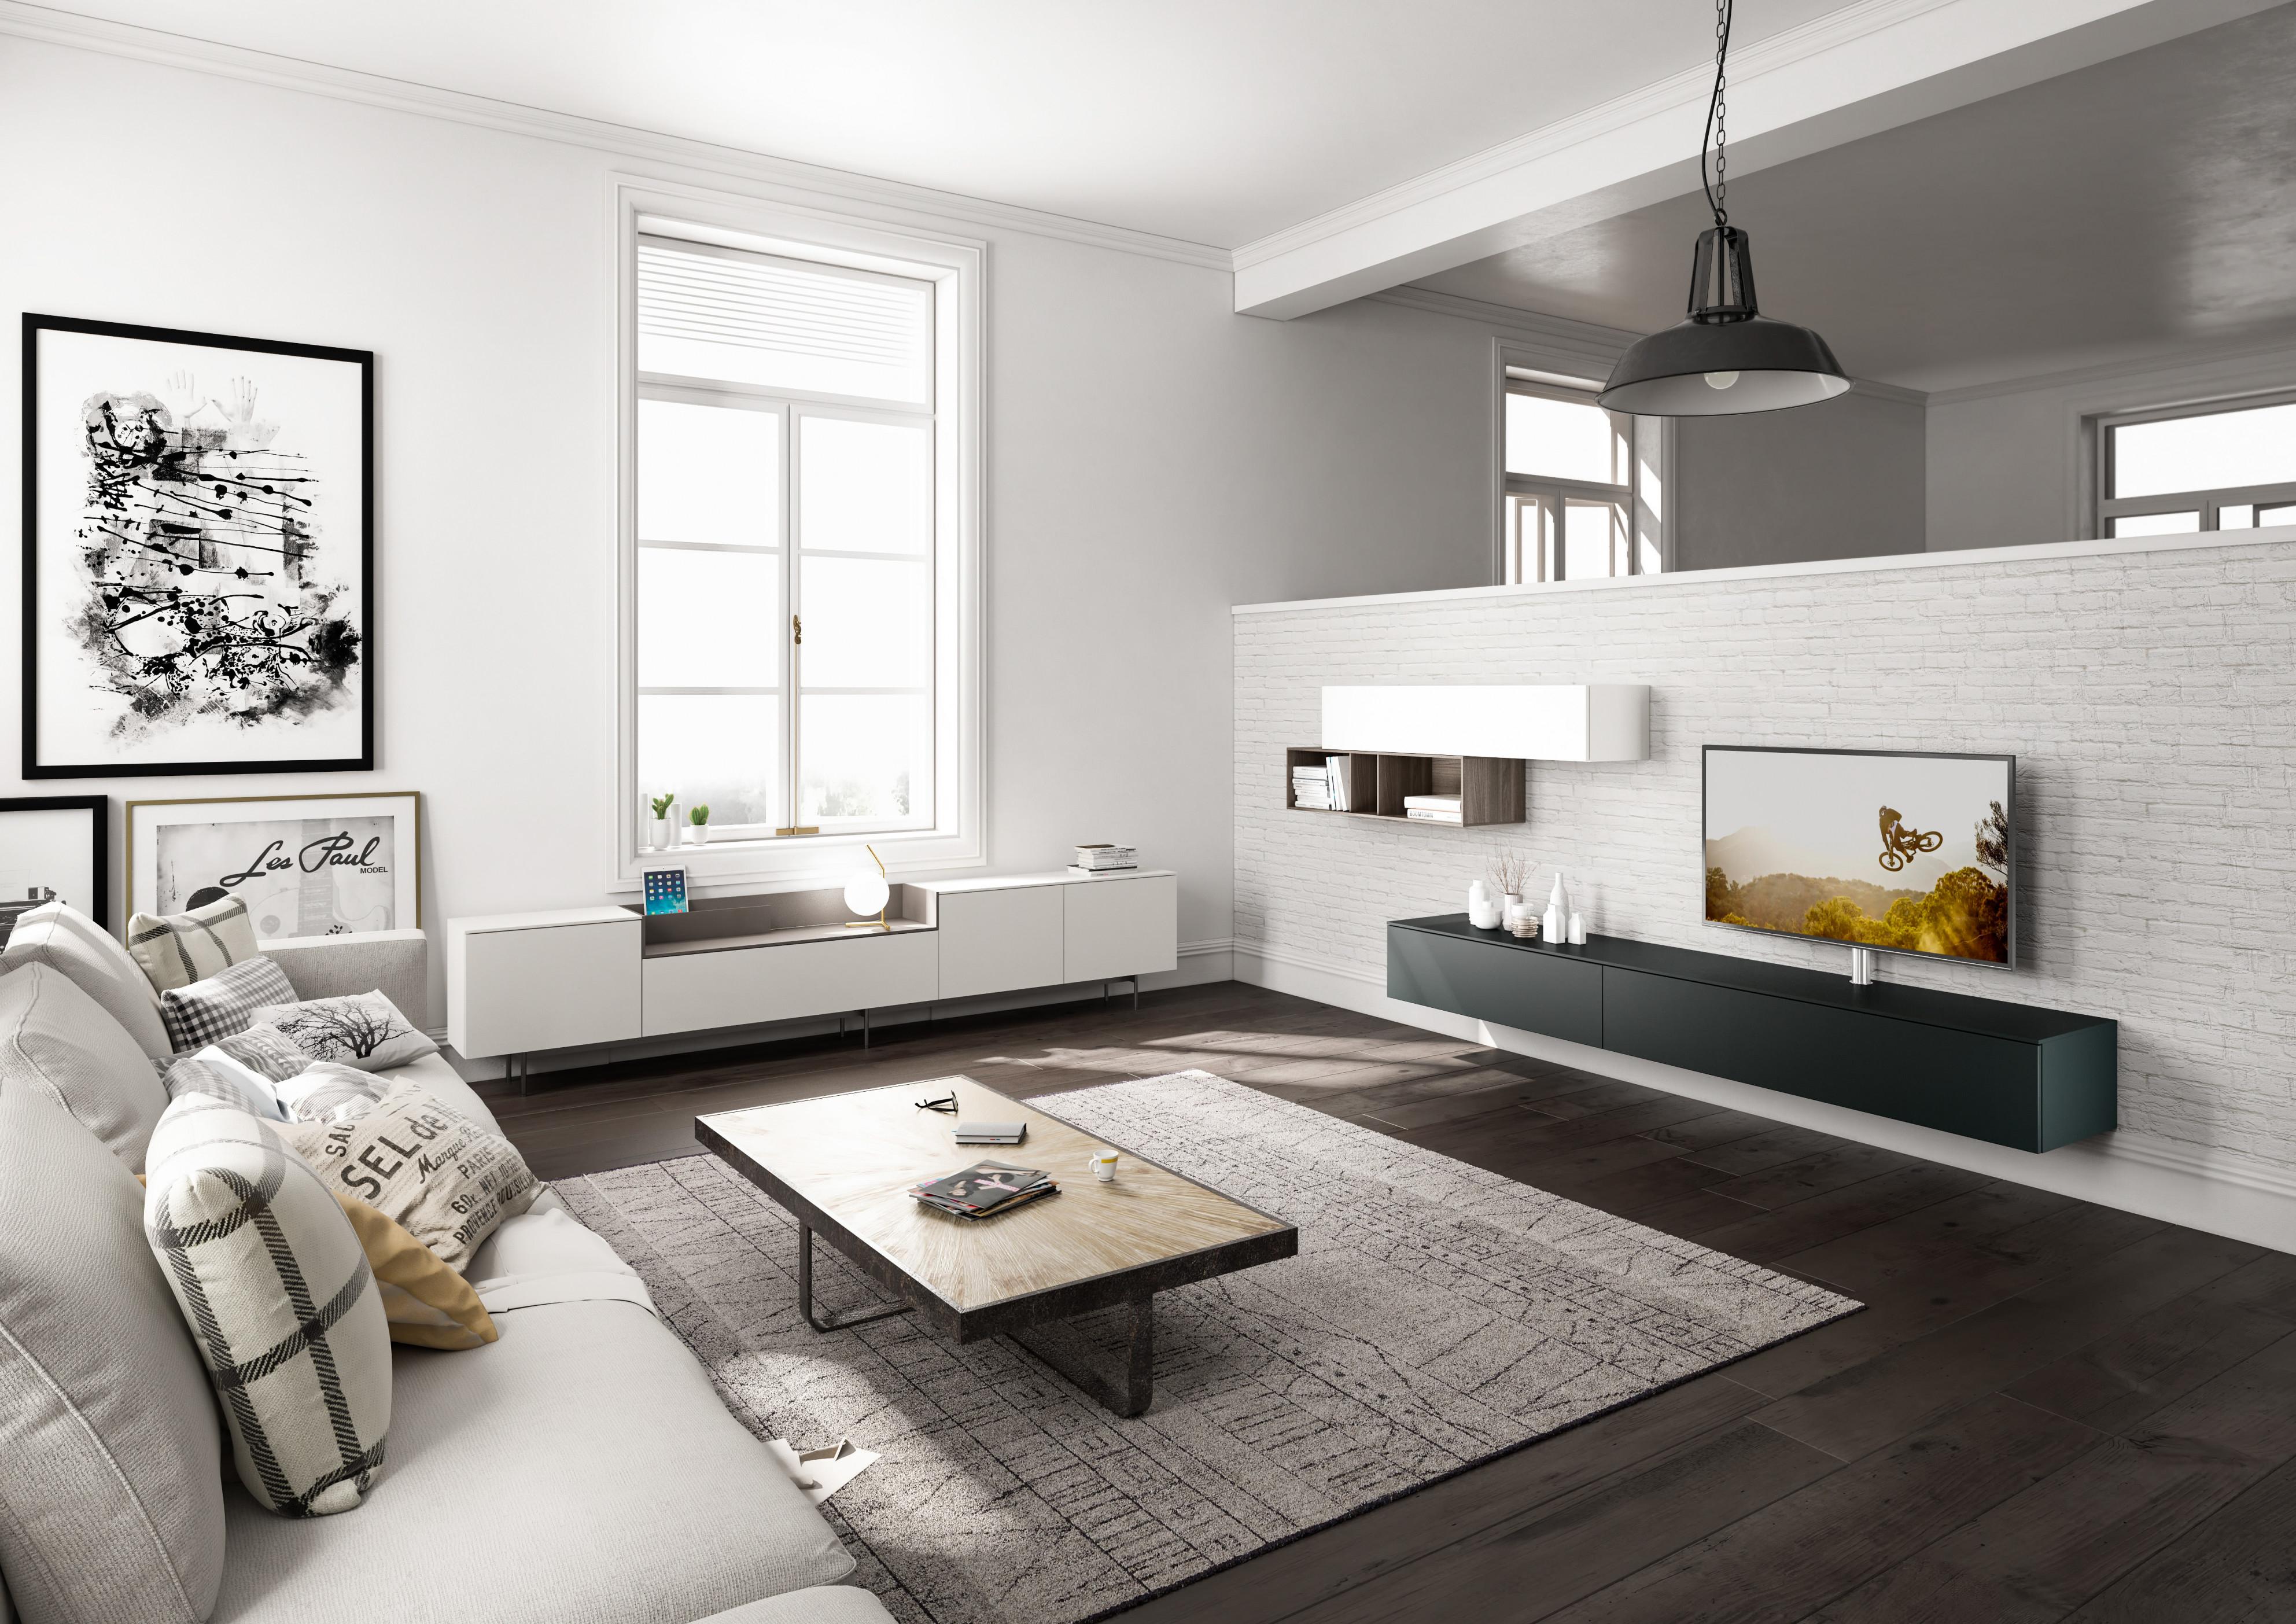 Wohnzimmergestaltung – Die Besten Ideen Tipps  Wohnbeispiele von Wohnzimmer Einrichten Grau Bild